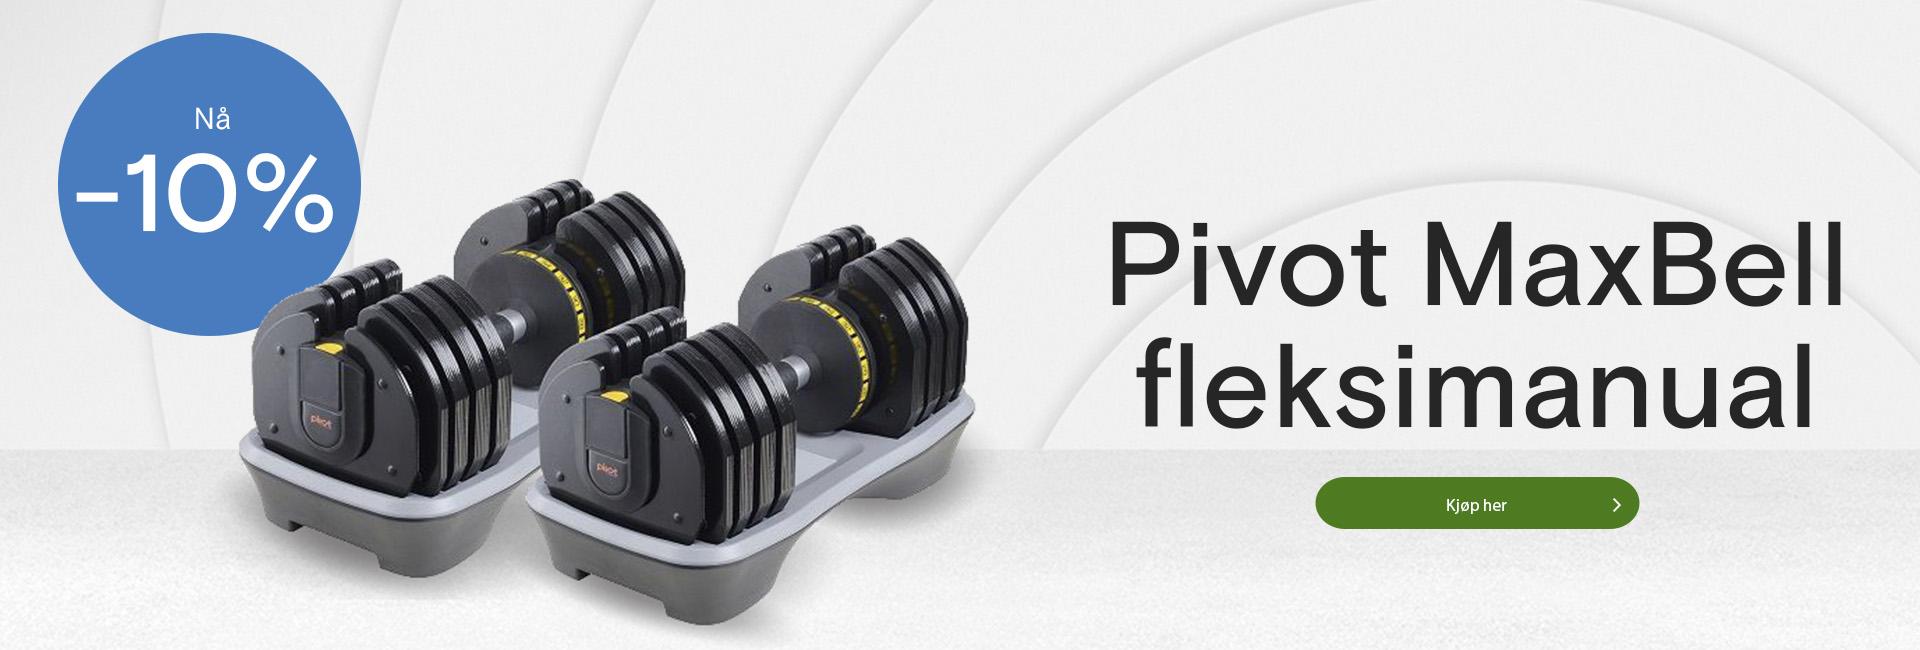 Tilbud på Pivot Maxbell fleksimanual